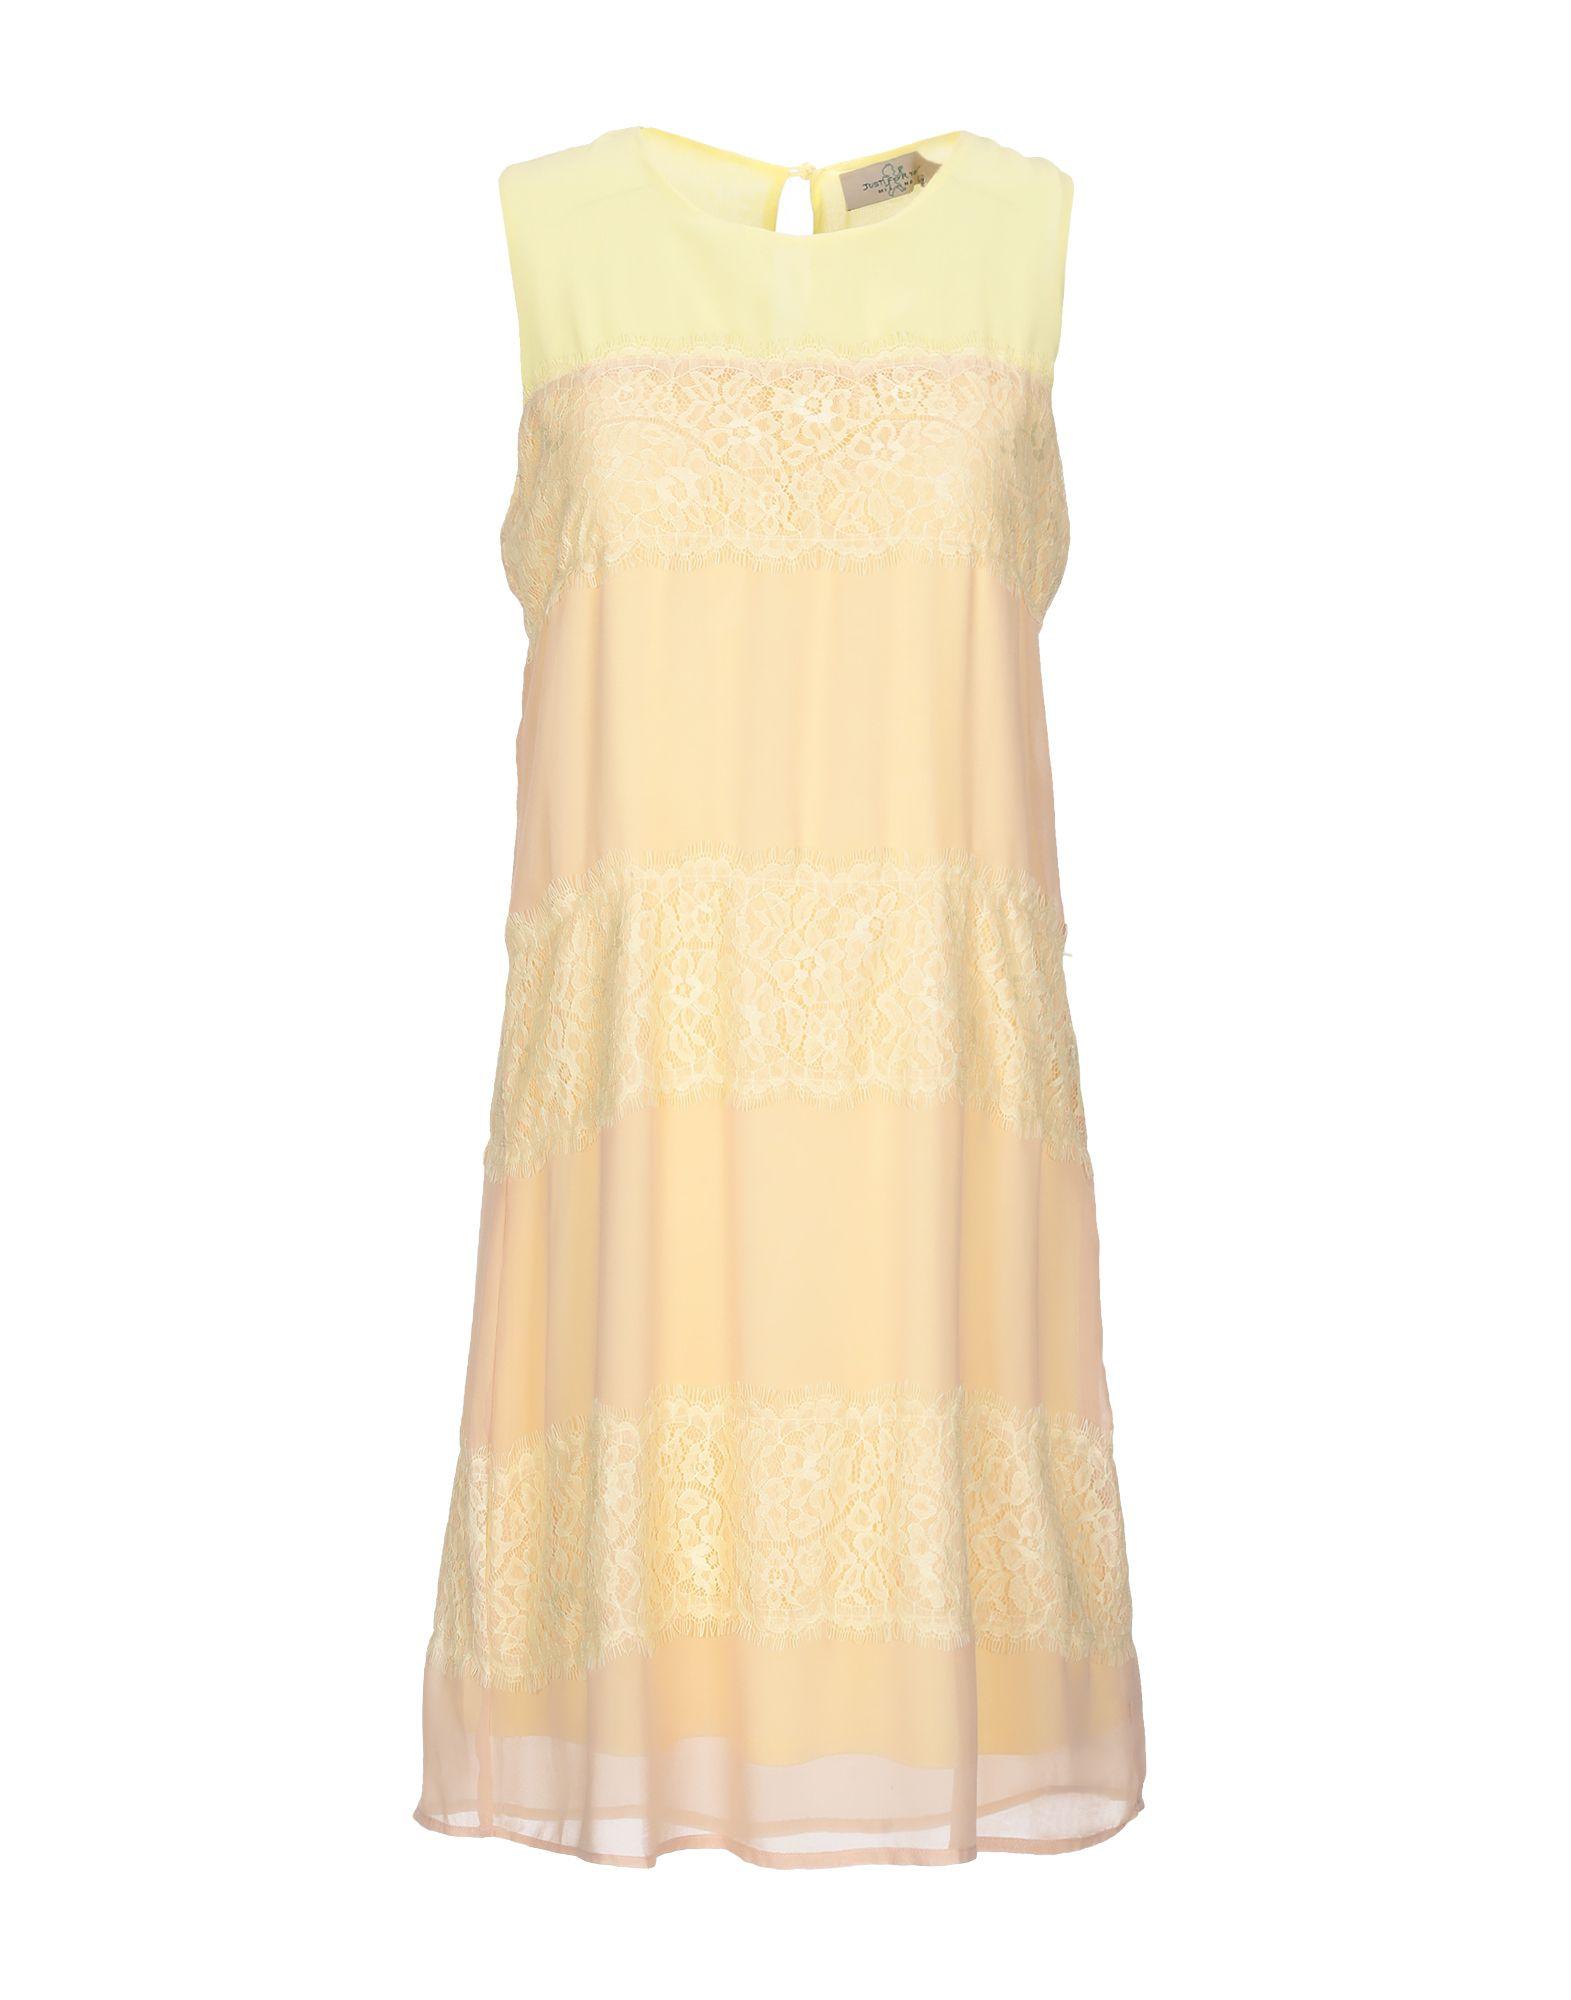 JUST FOR YOU Damen Kurzes Kleid Farbe Gelb Größe 5